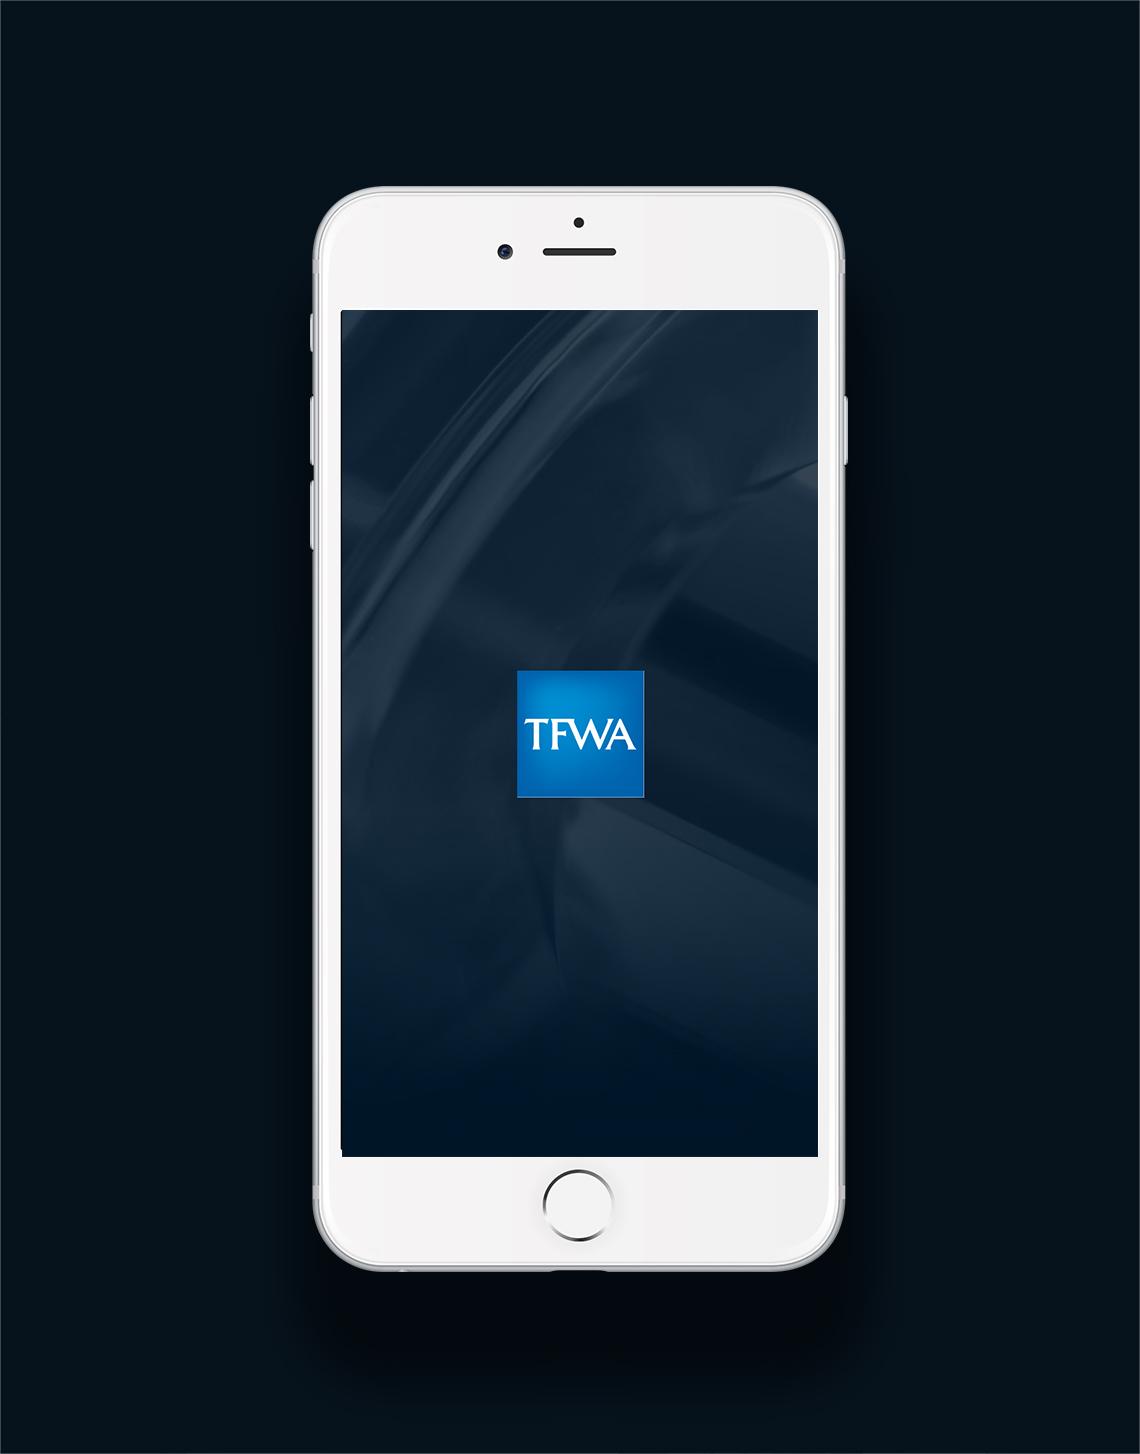 TFWA app